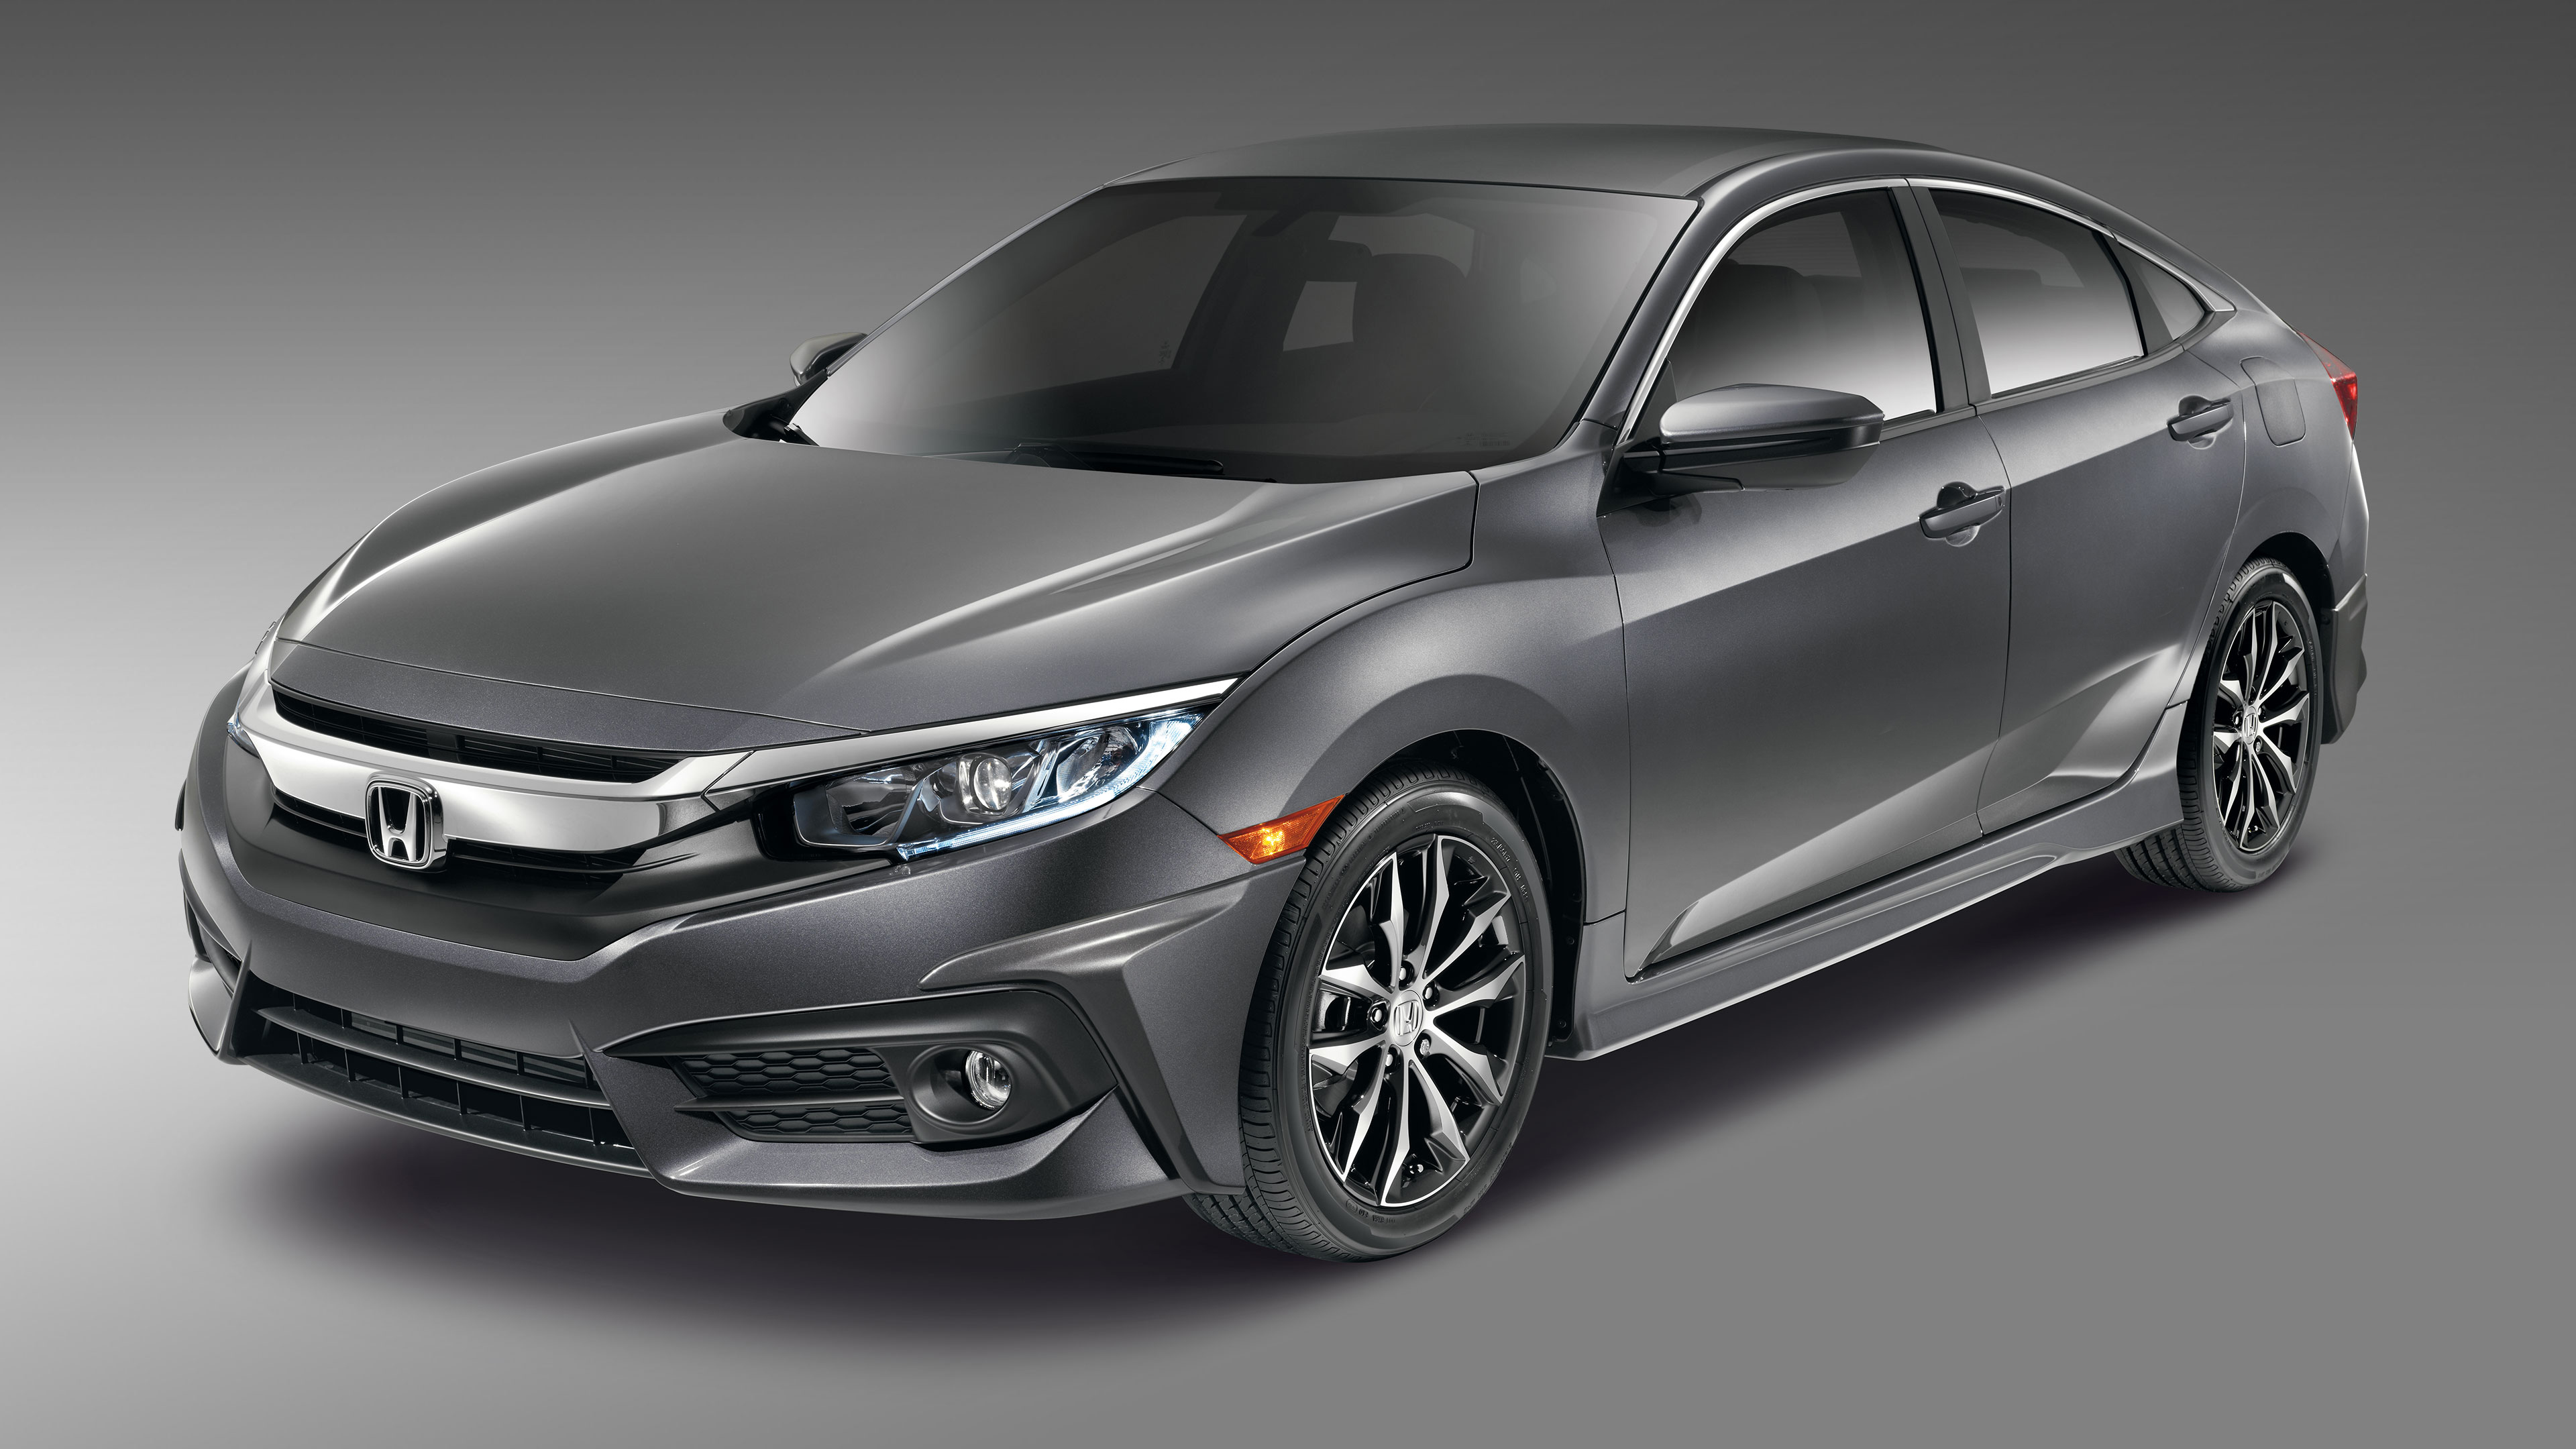 Les Accessoires Les Plus Populaires Pour La Honda Civic